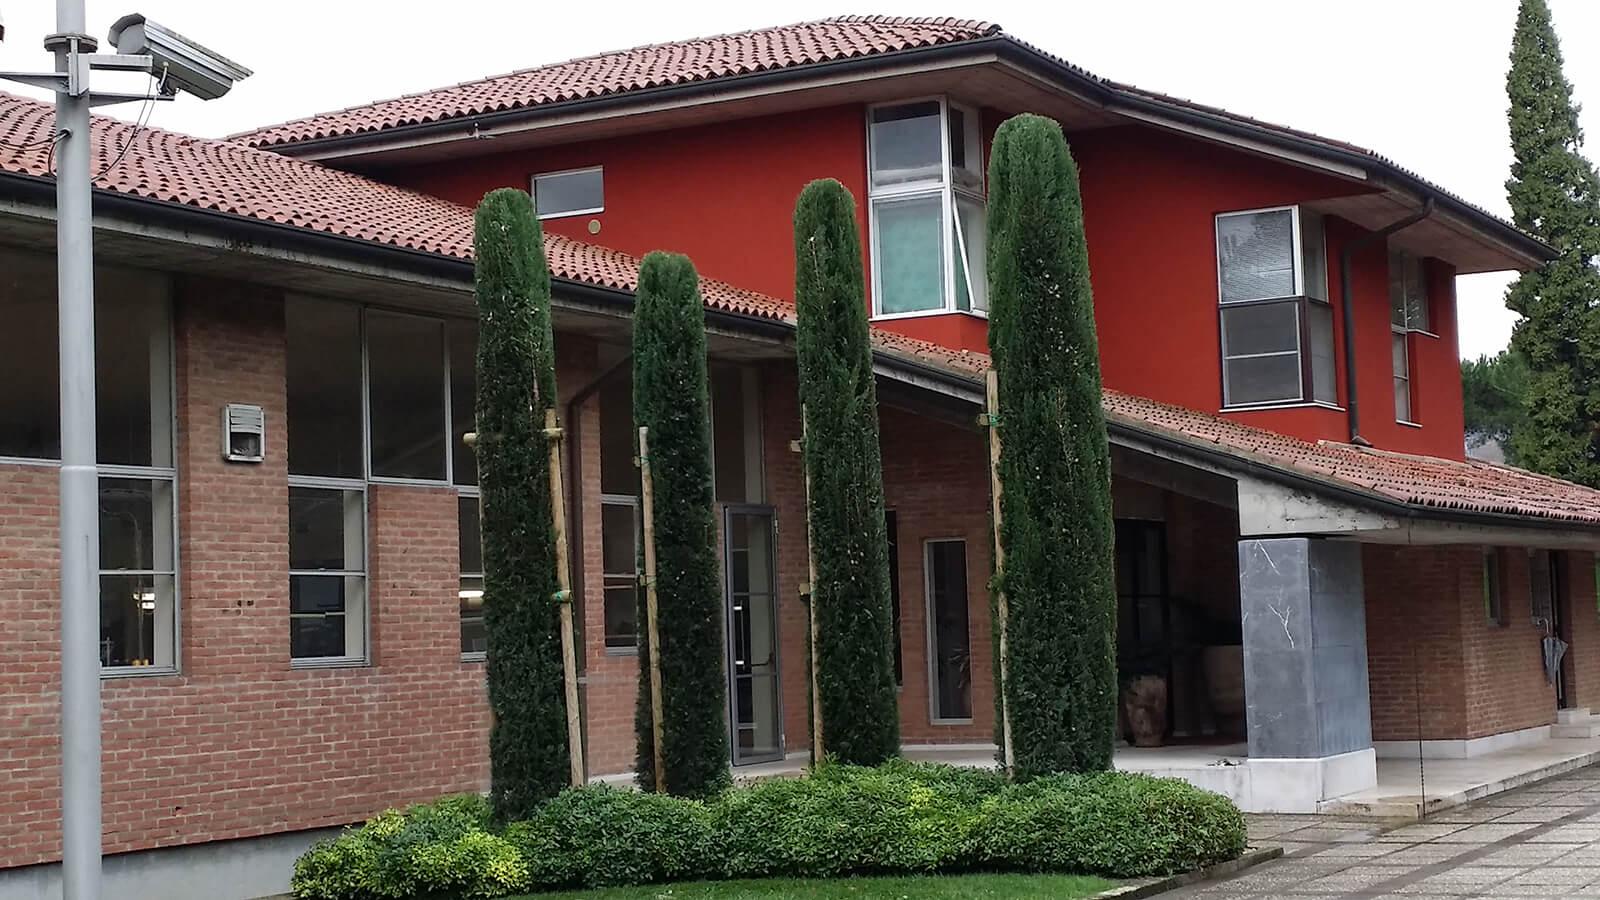 progettazione realizzazione giardini sandrigo - verde blu giardini 1